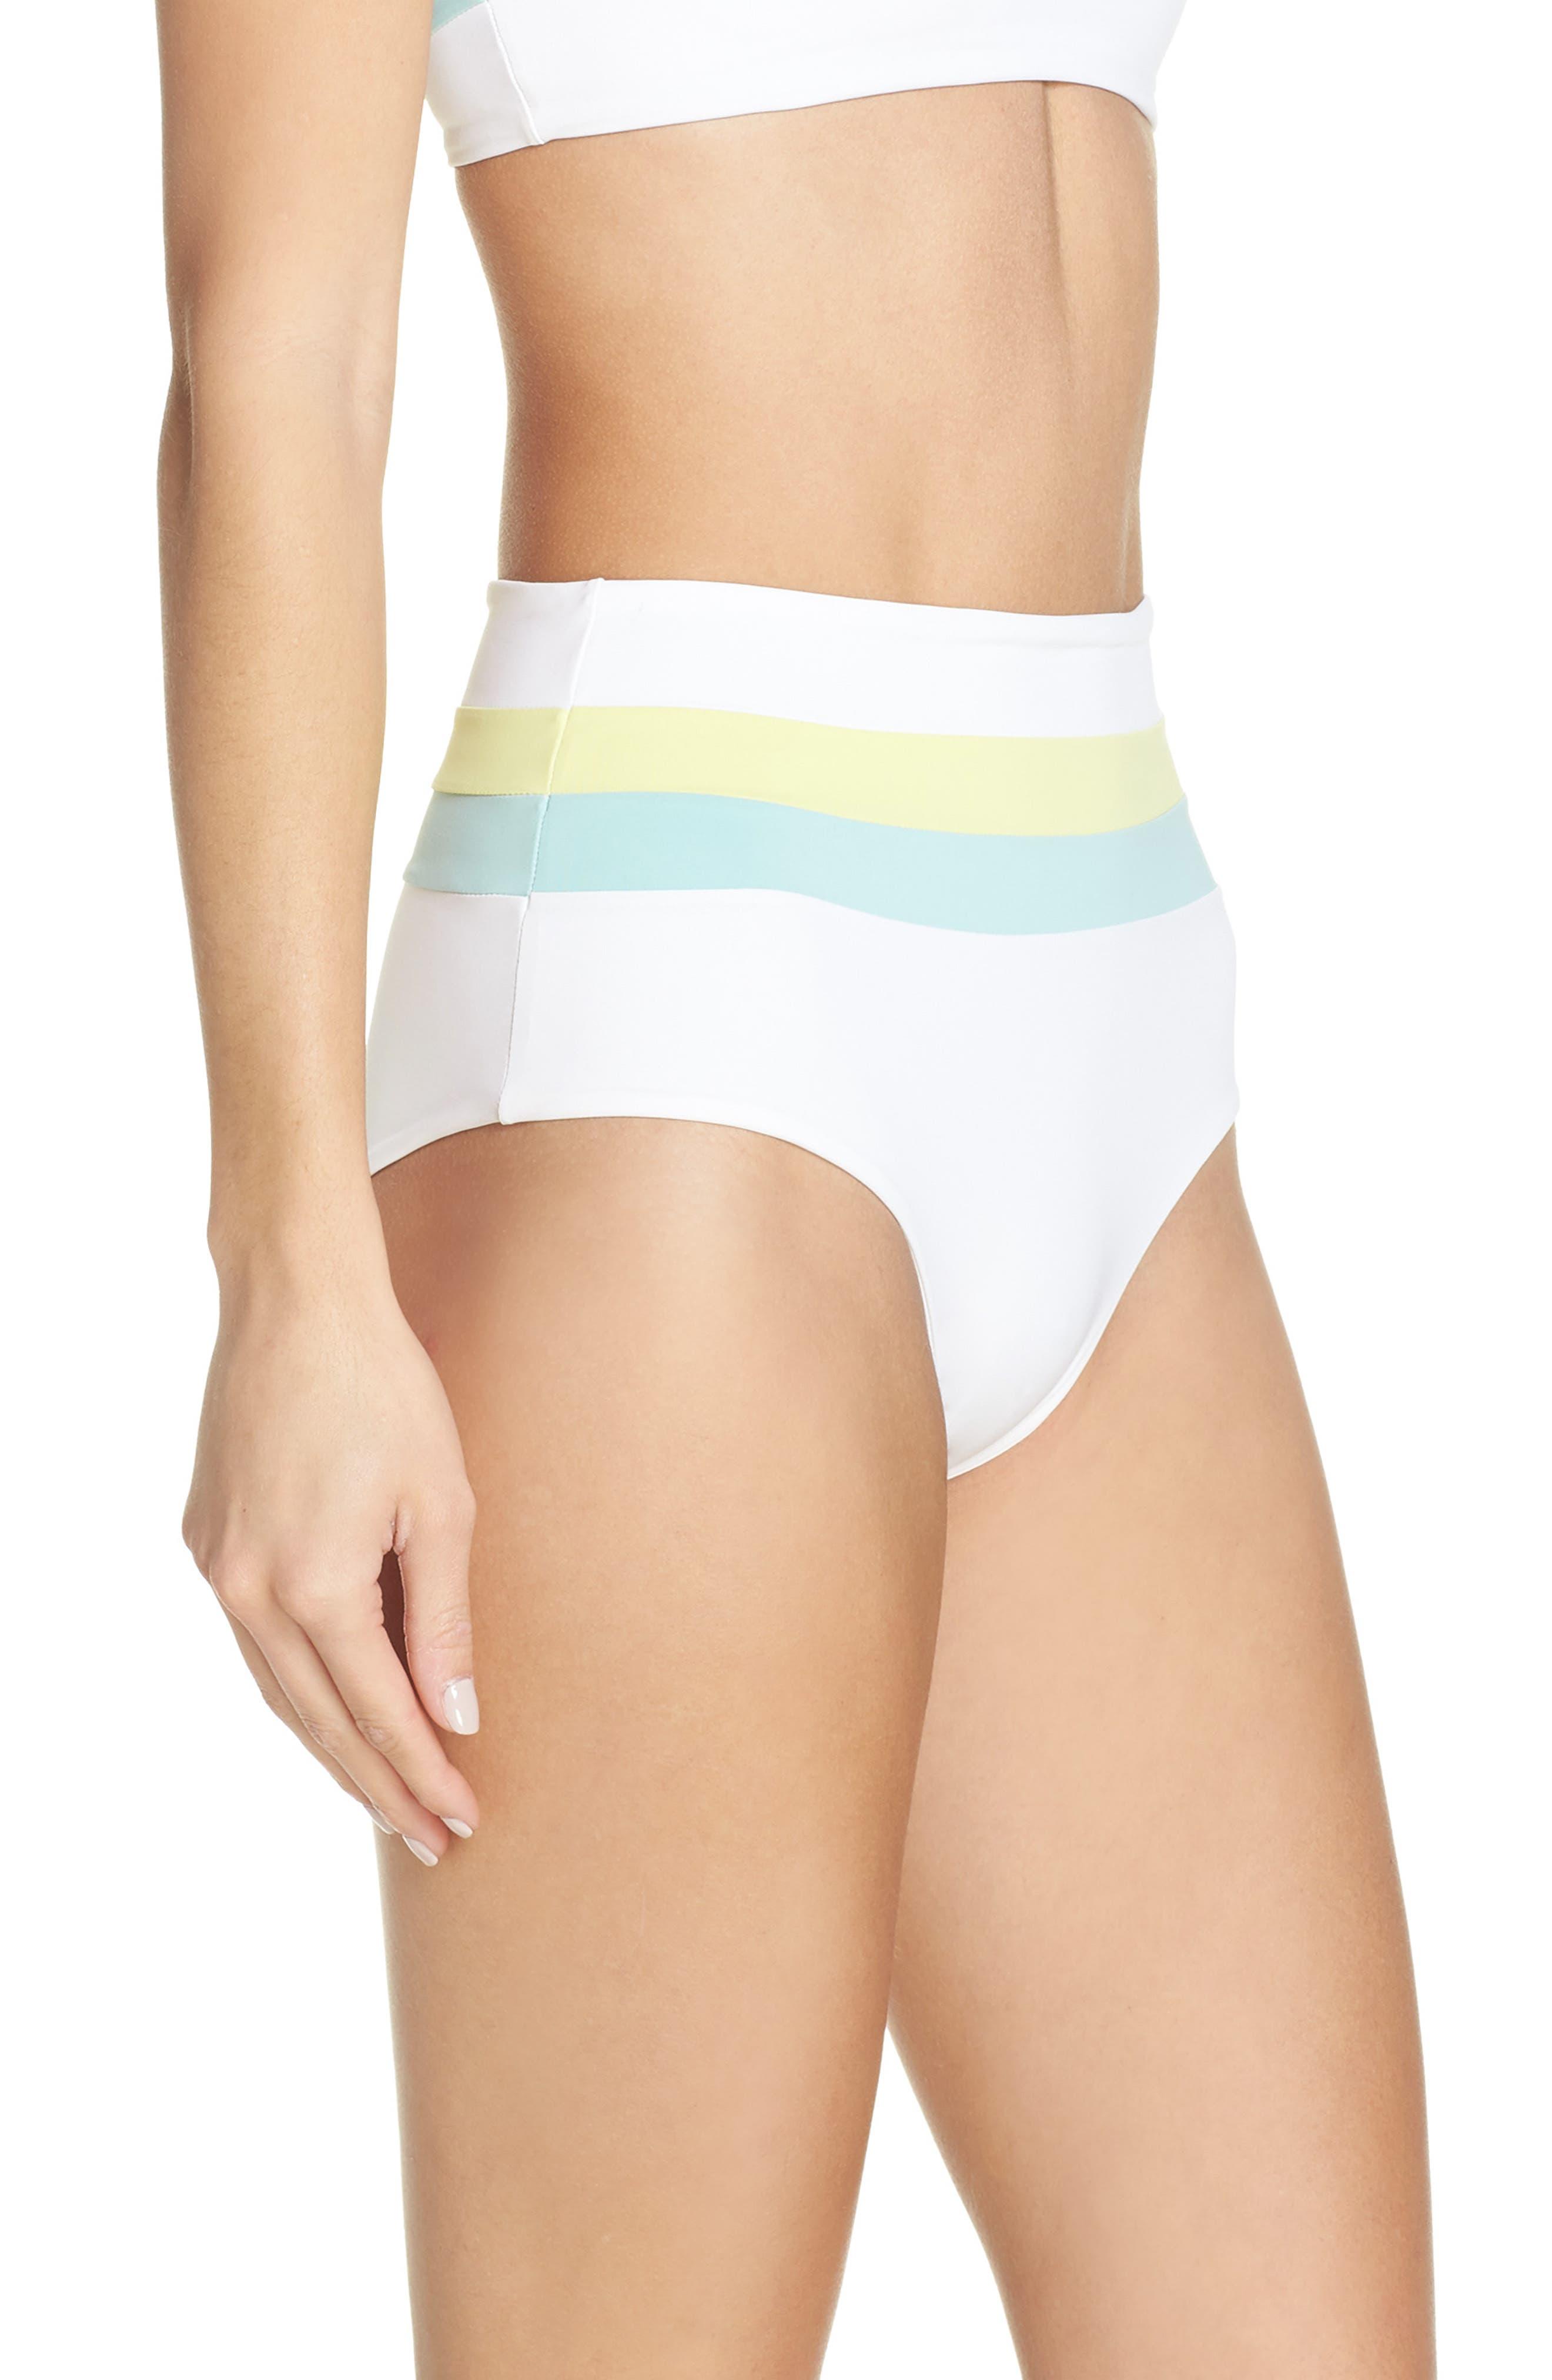 L SPACE, Portia Reversible High Waist Bikini Bottoms, Alternate thumbnail 4, color, WHITE/ LIGHT TURQ/ LEMONADE